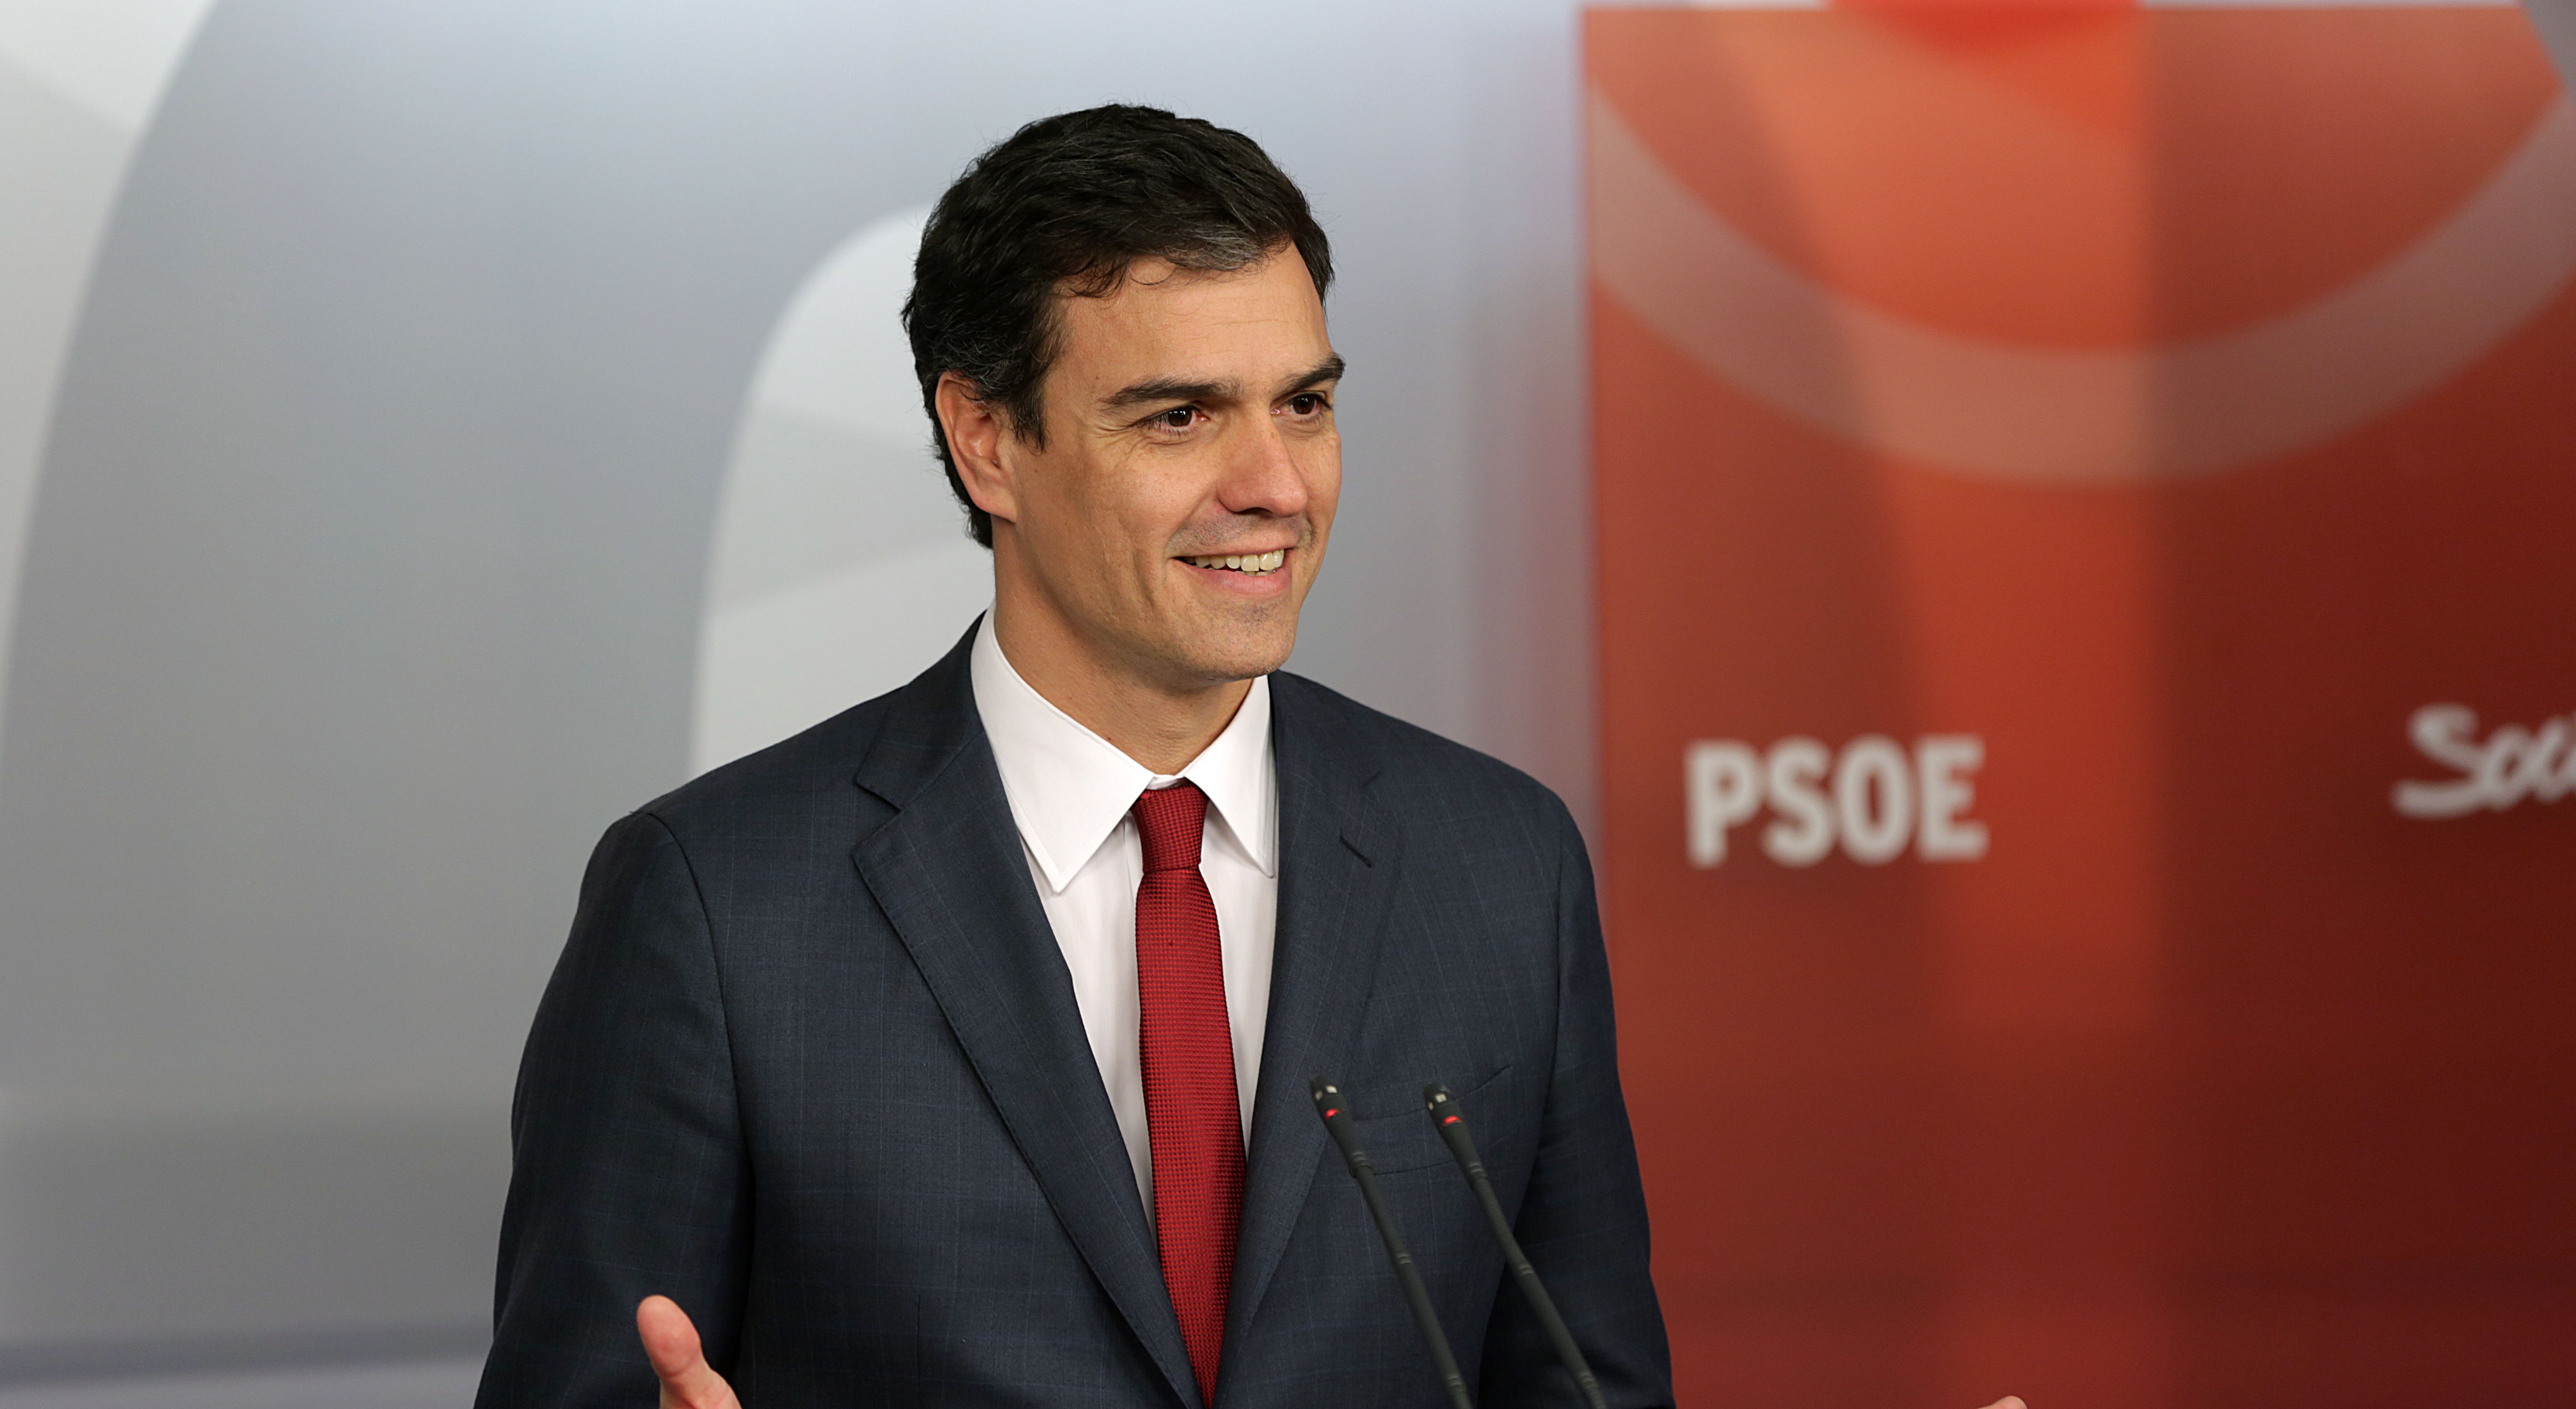 PSOE leader Pedro Sanchez